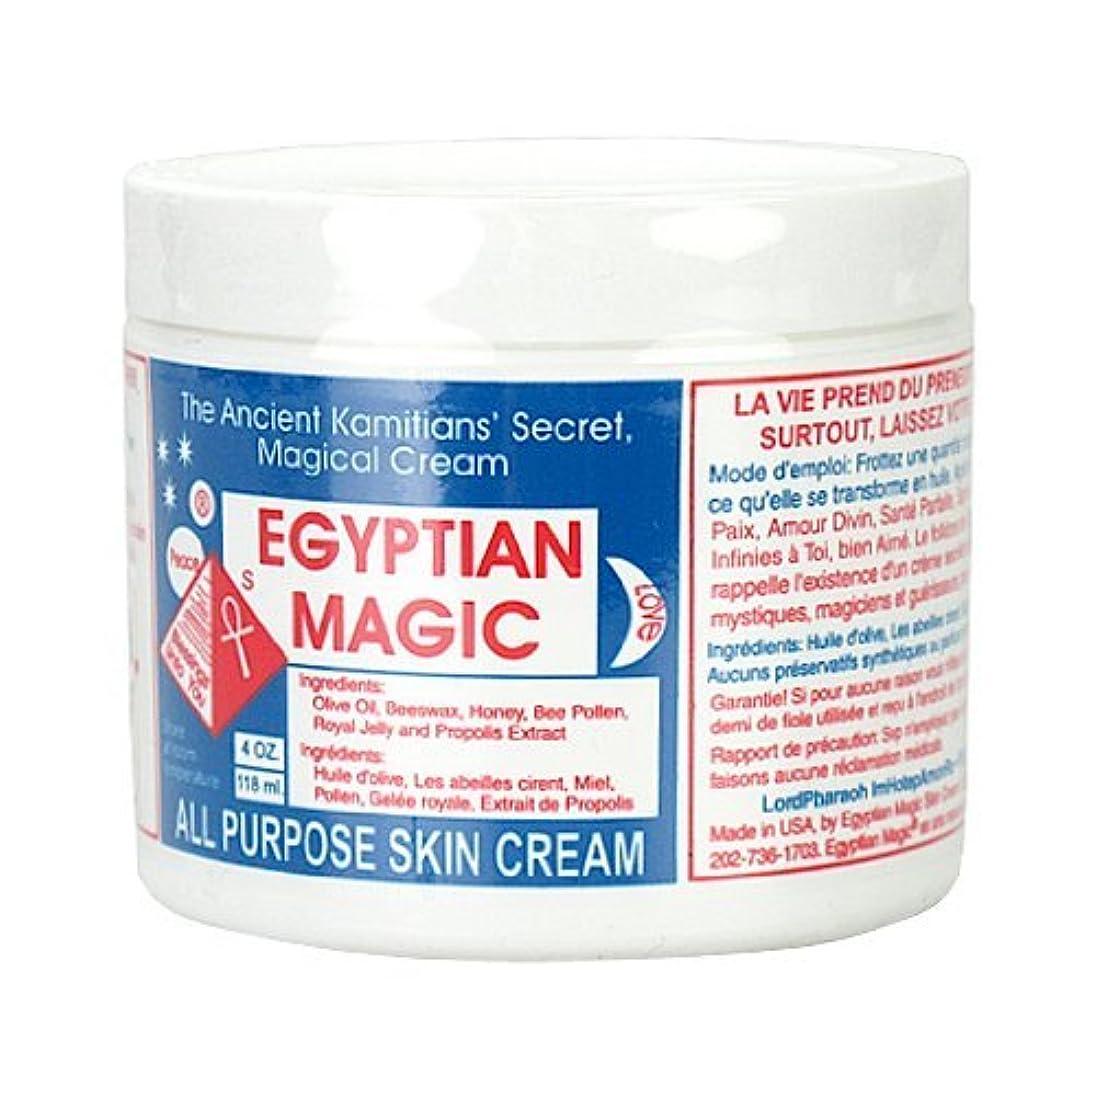 特許単位ぶどうエジプシャンマジック EGYPTIAN MAGIC エジプシャン マジック クリーム 118ml 保湿クリーム